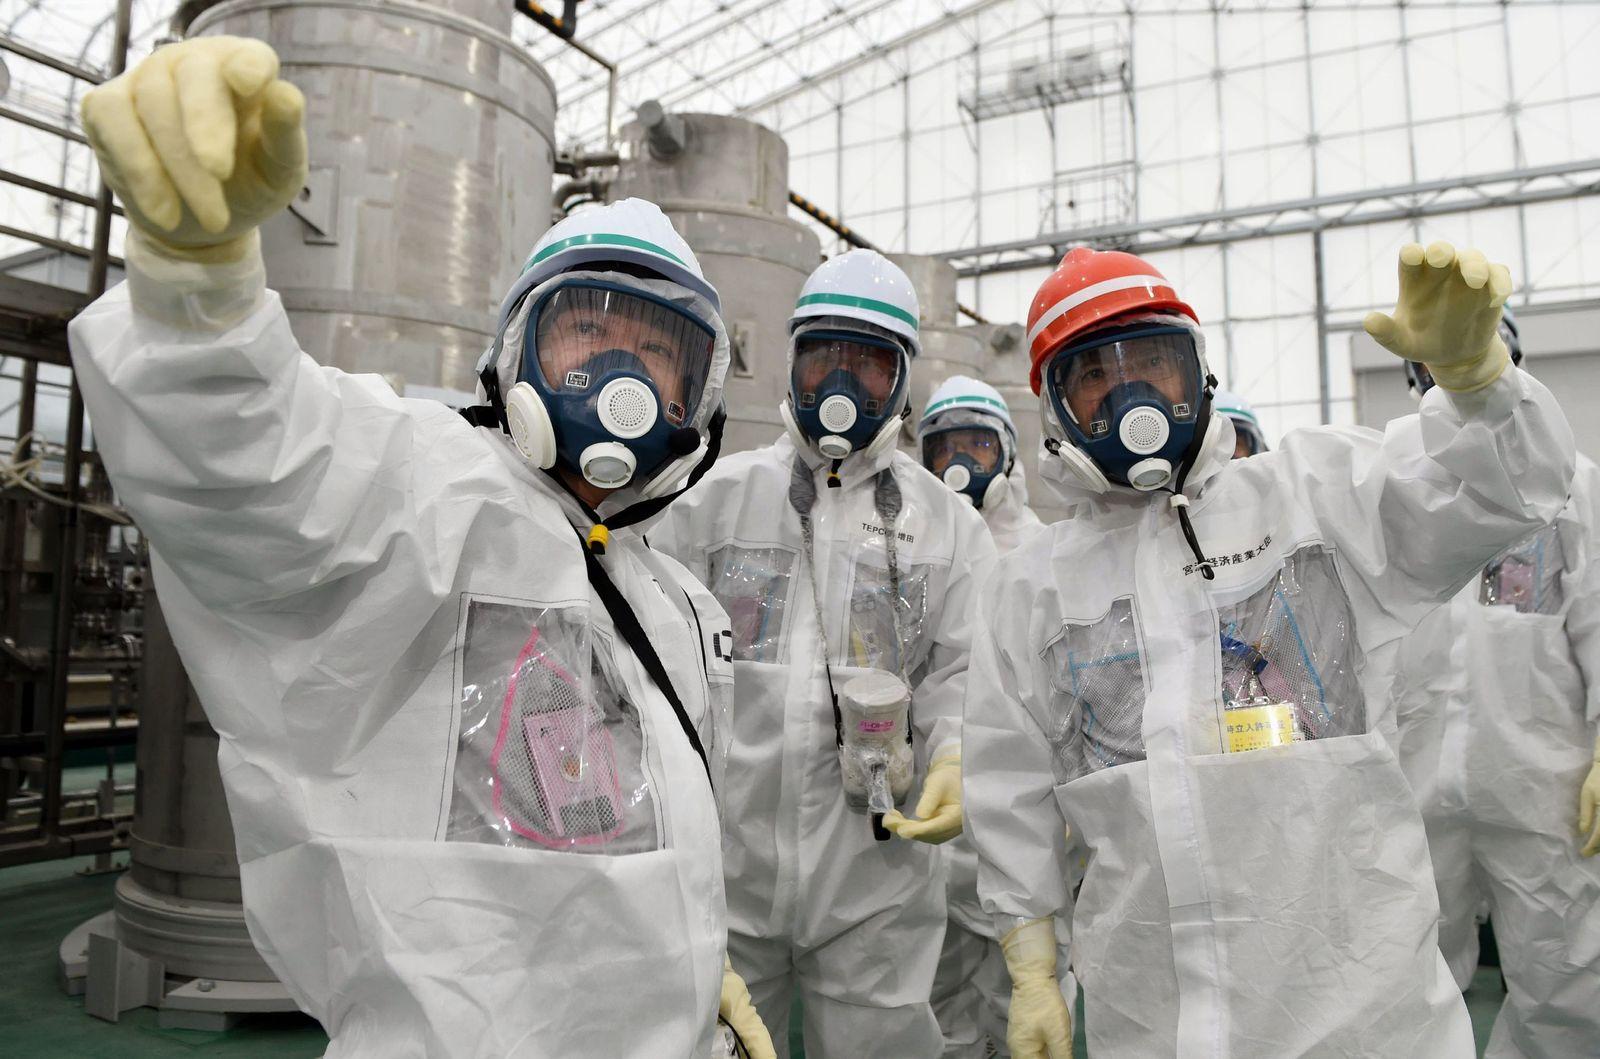 Fukushima / Tepco